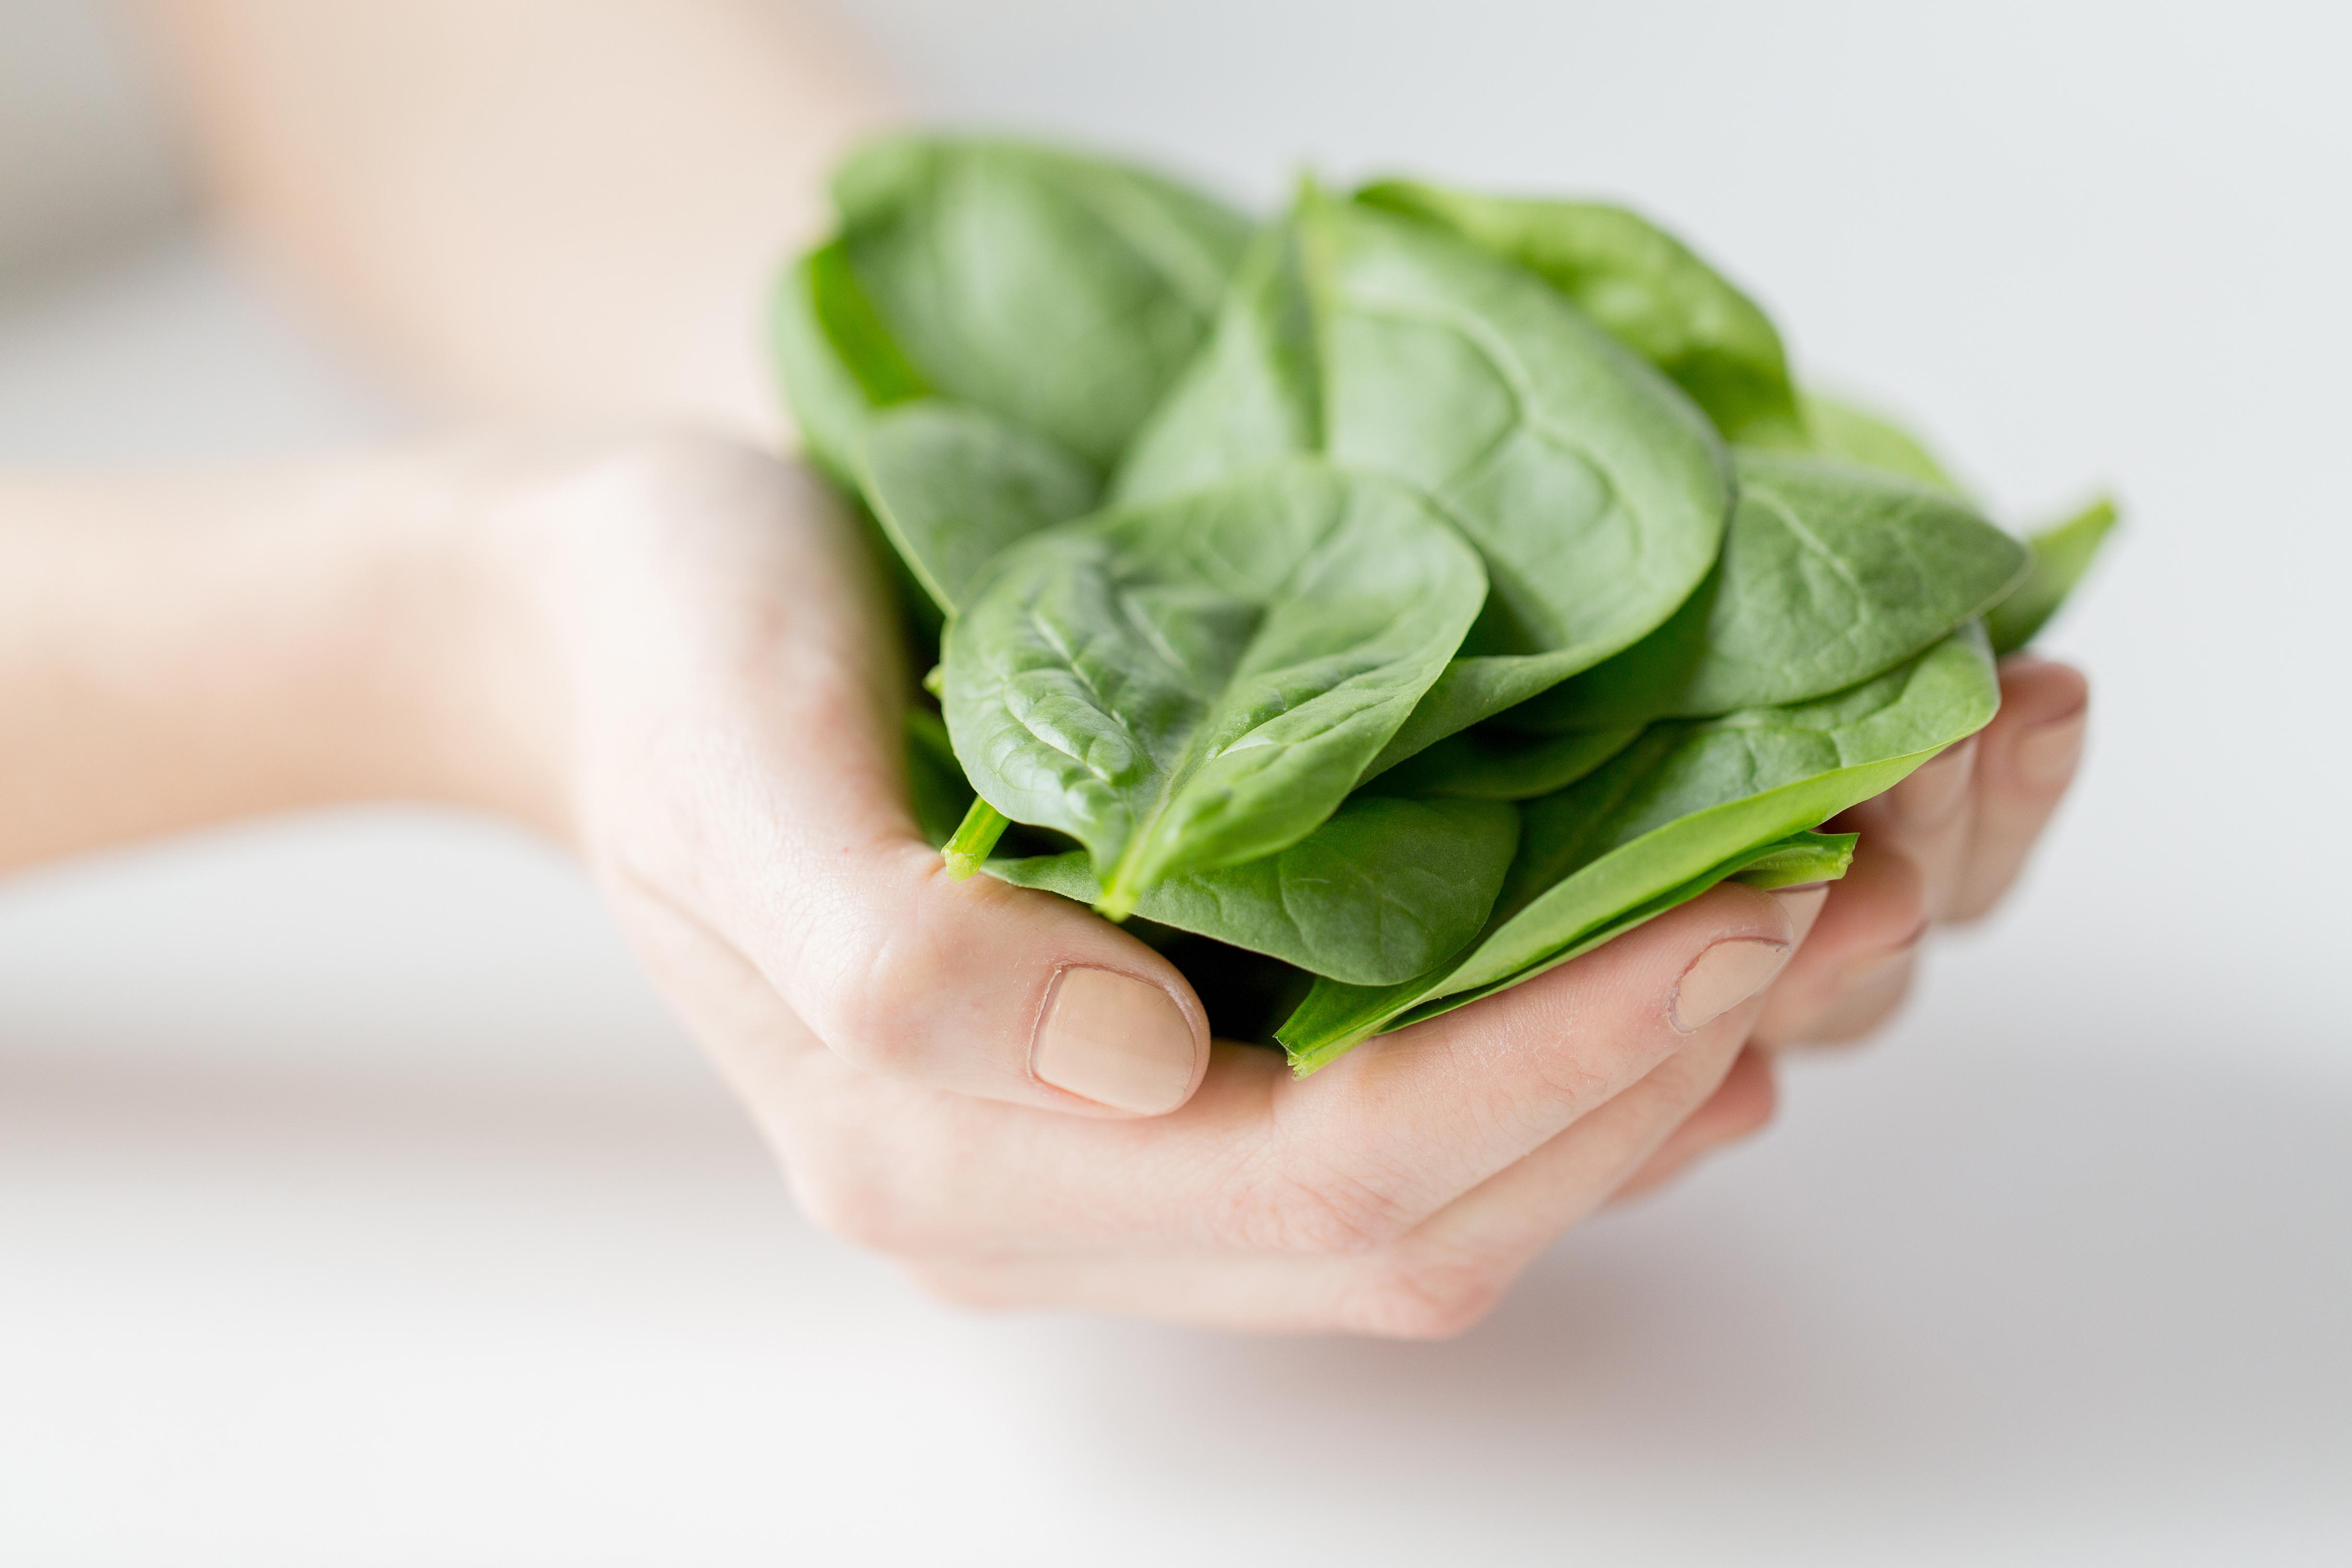 Vid låg zinknivå kan det vara nödvändigt att förändra kosthållningen och/eller ta zink som kosttillskott. Bland annat spenat är rikt på zink.